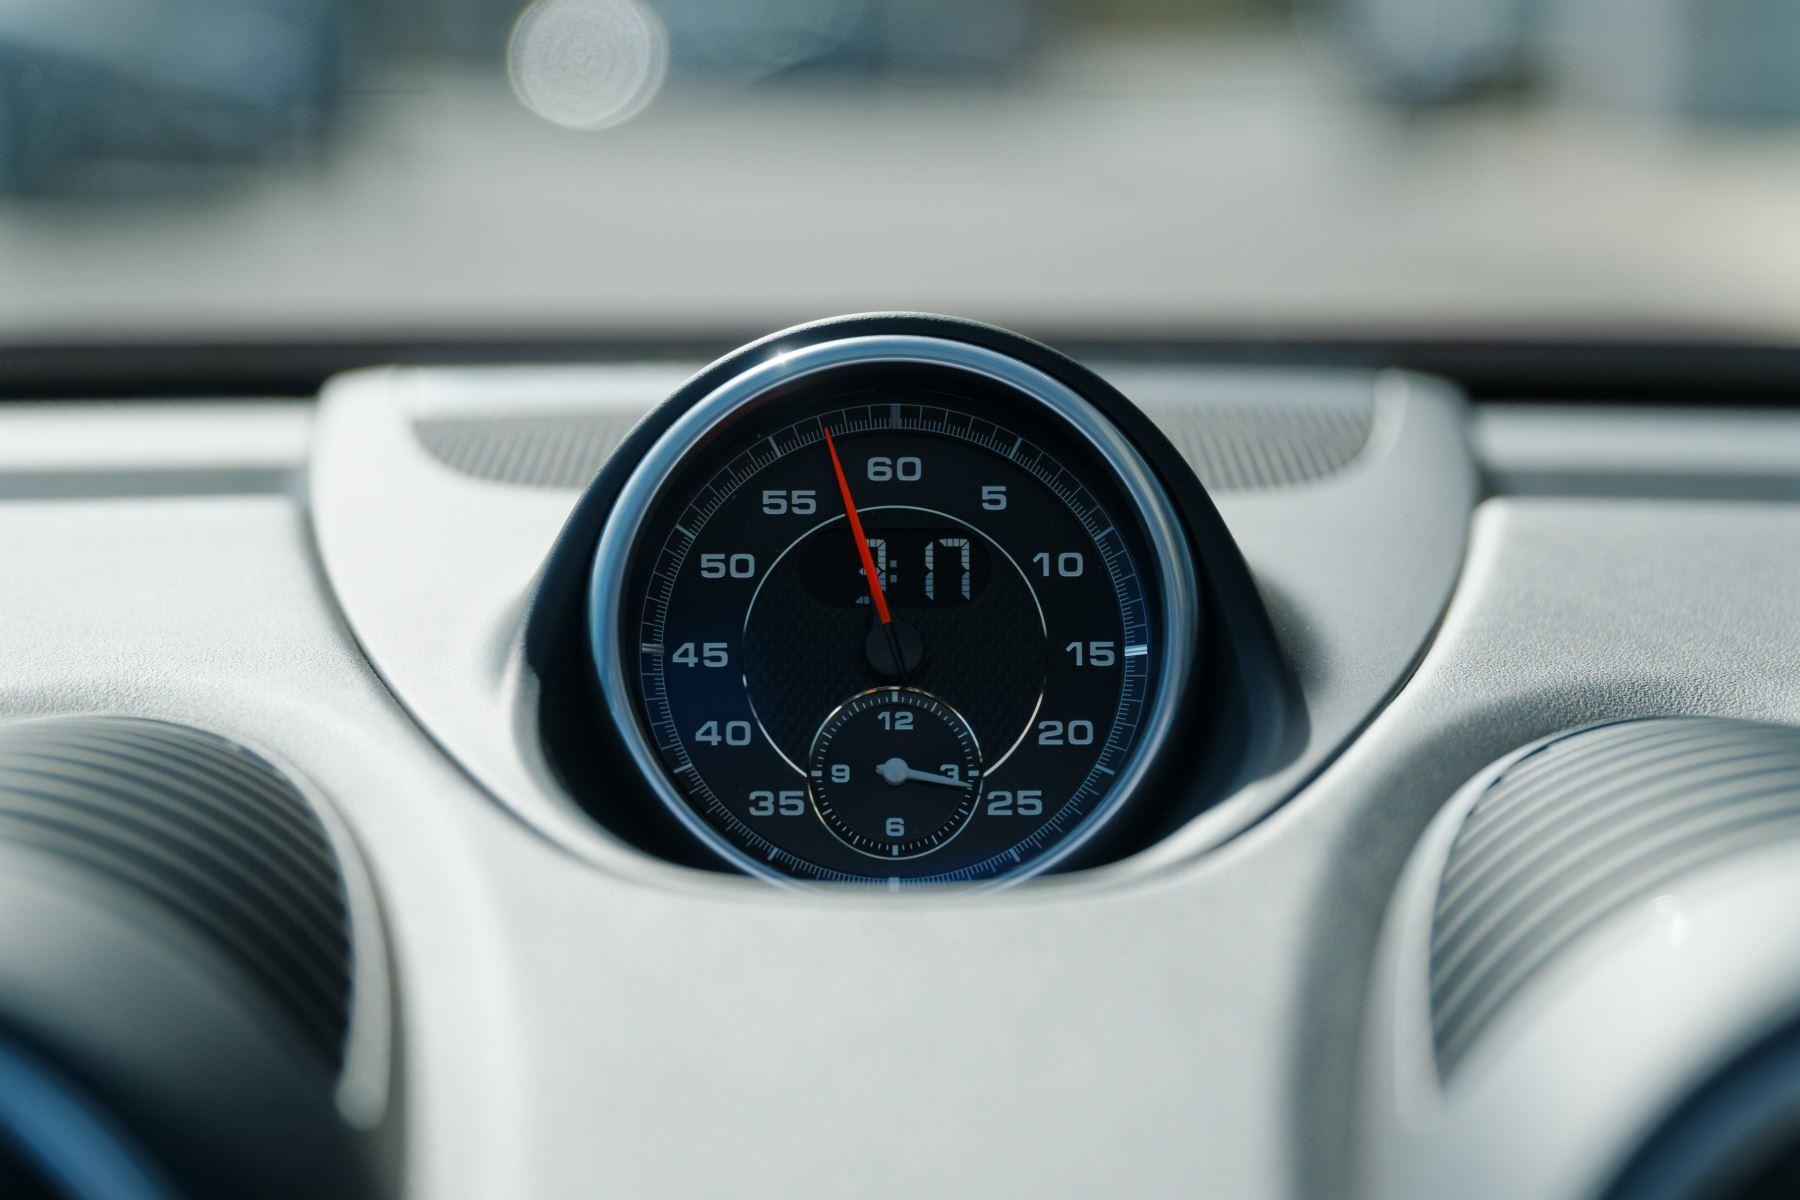 Porsche Boxster S image 24